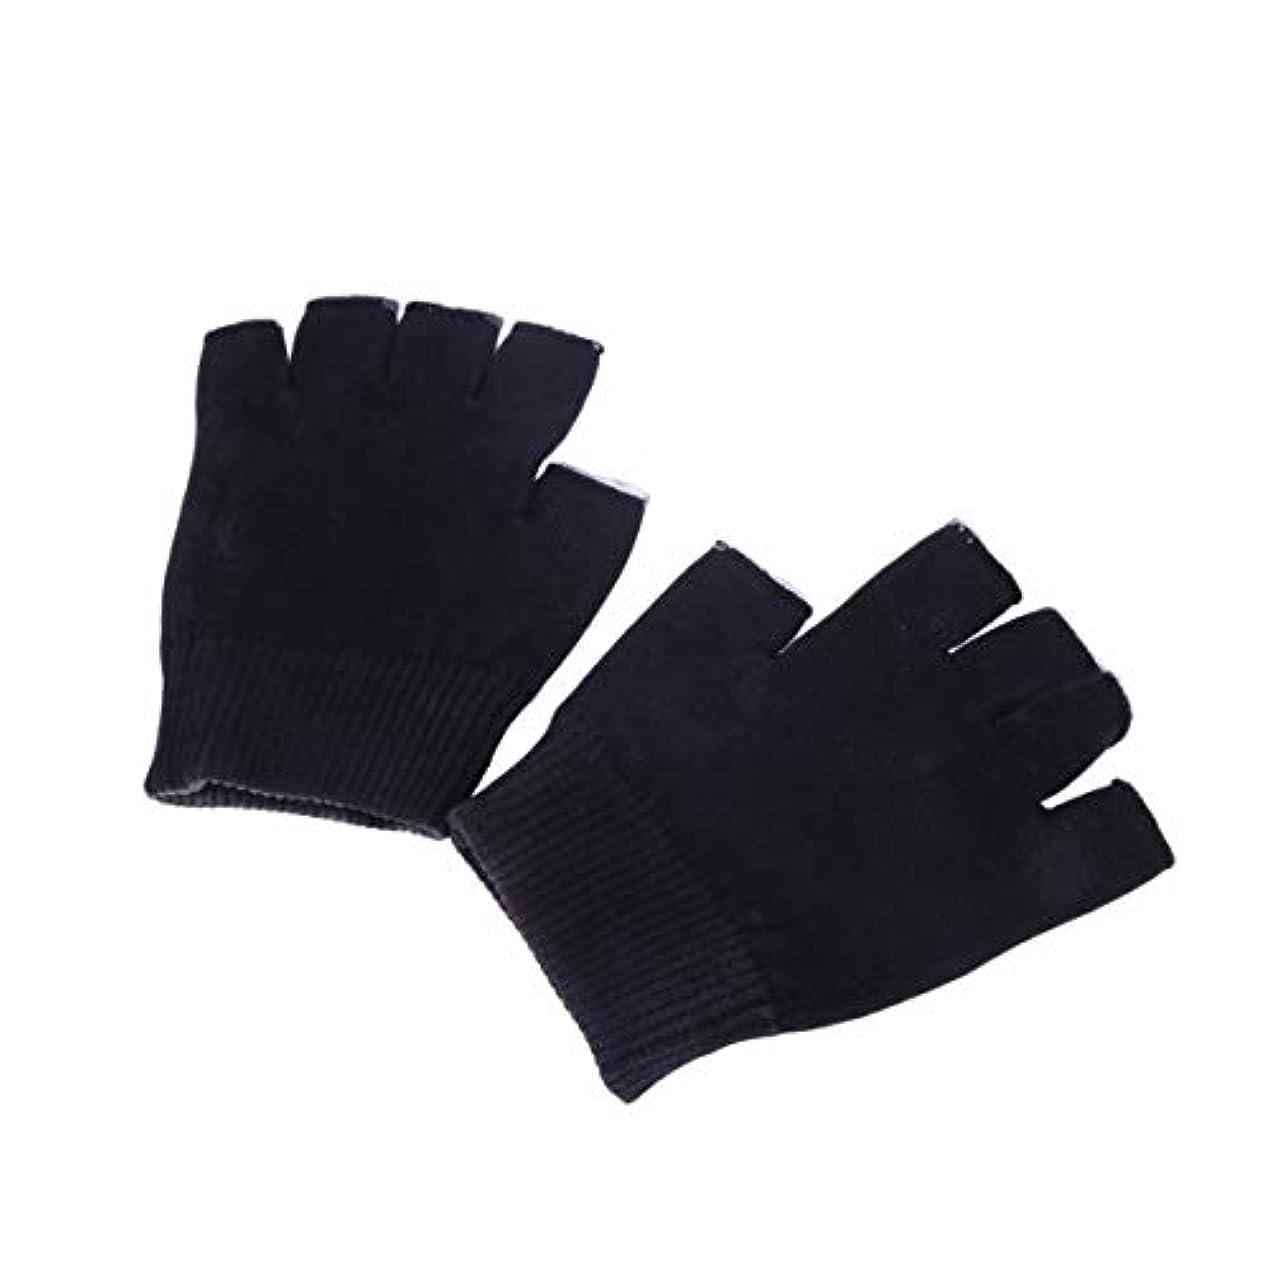 ニックネームトレーダー球体SUPVOX ハンドケア 手袋 指なし ゲル 保湿 美容成分配合 手荒れ 対策 おやすみ スキンケア グローブ うるおい 保護